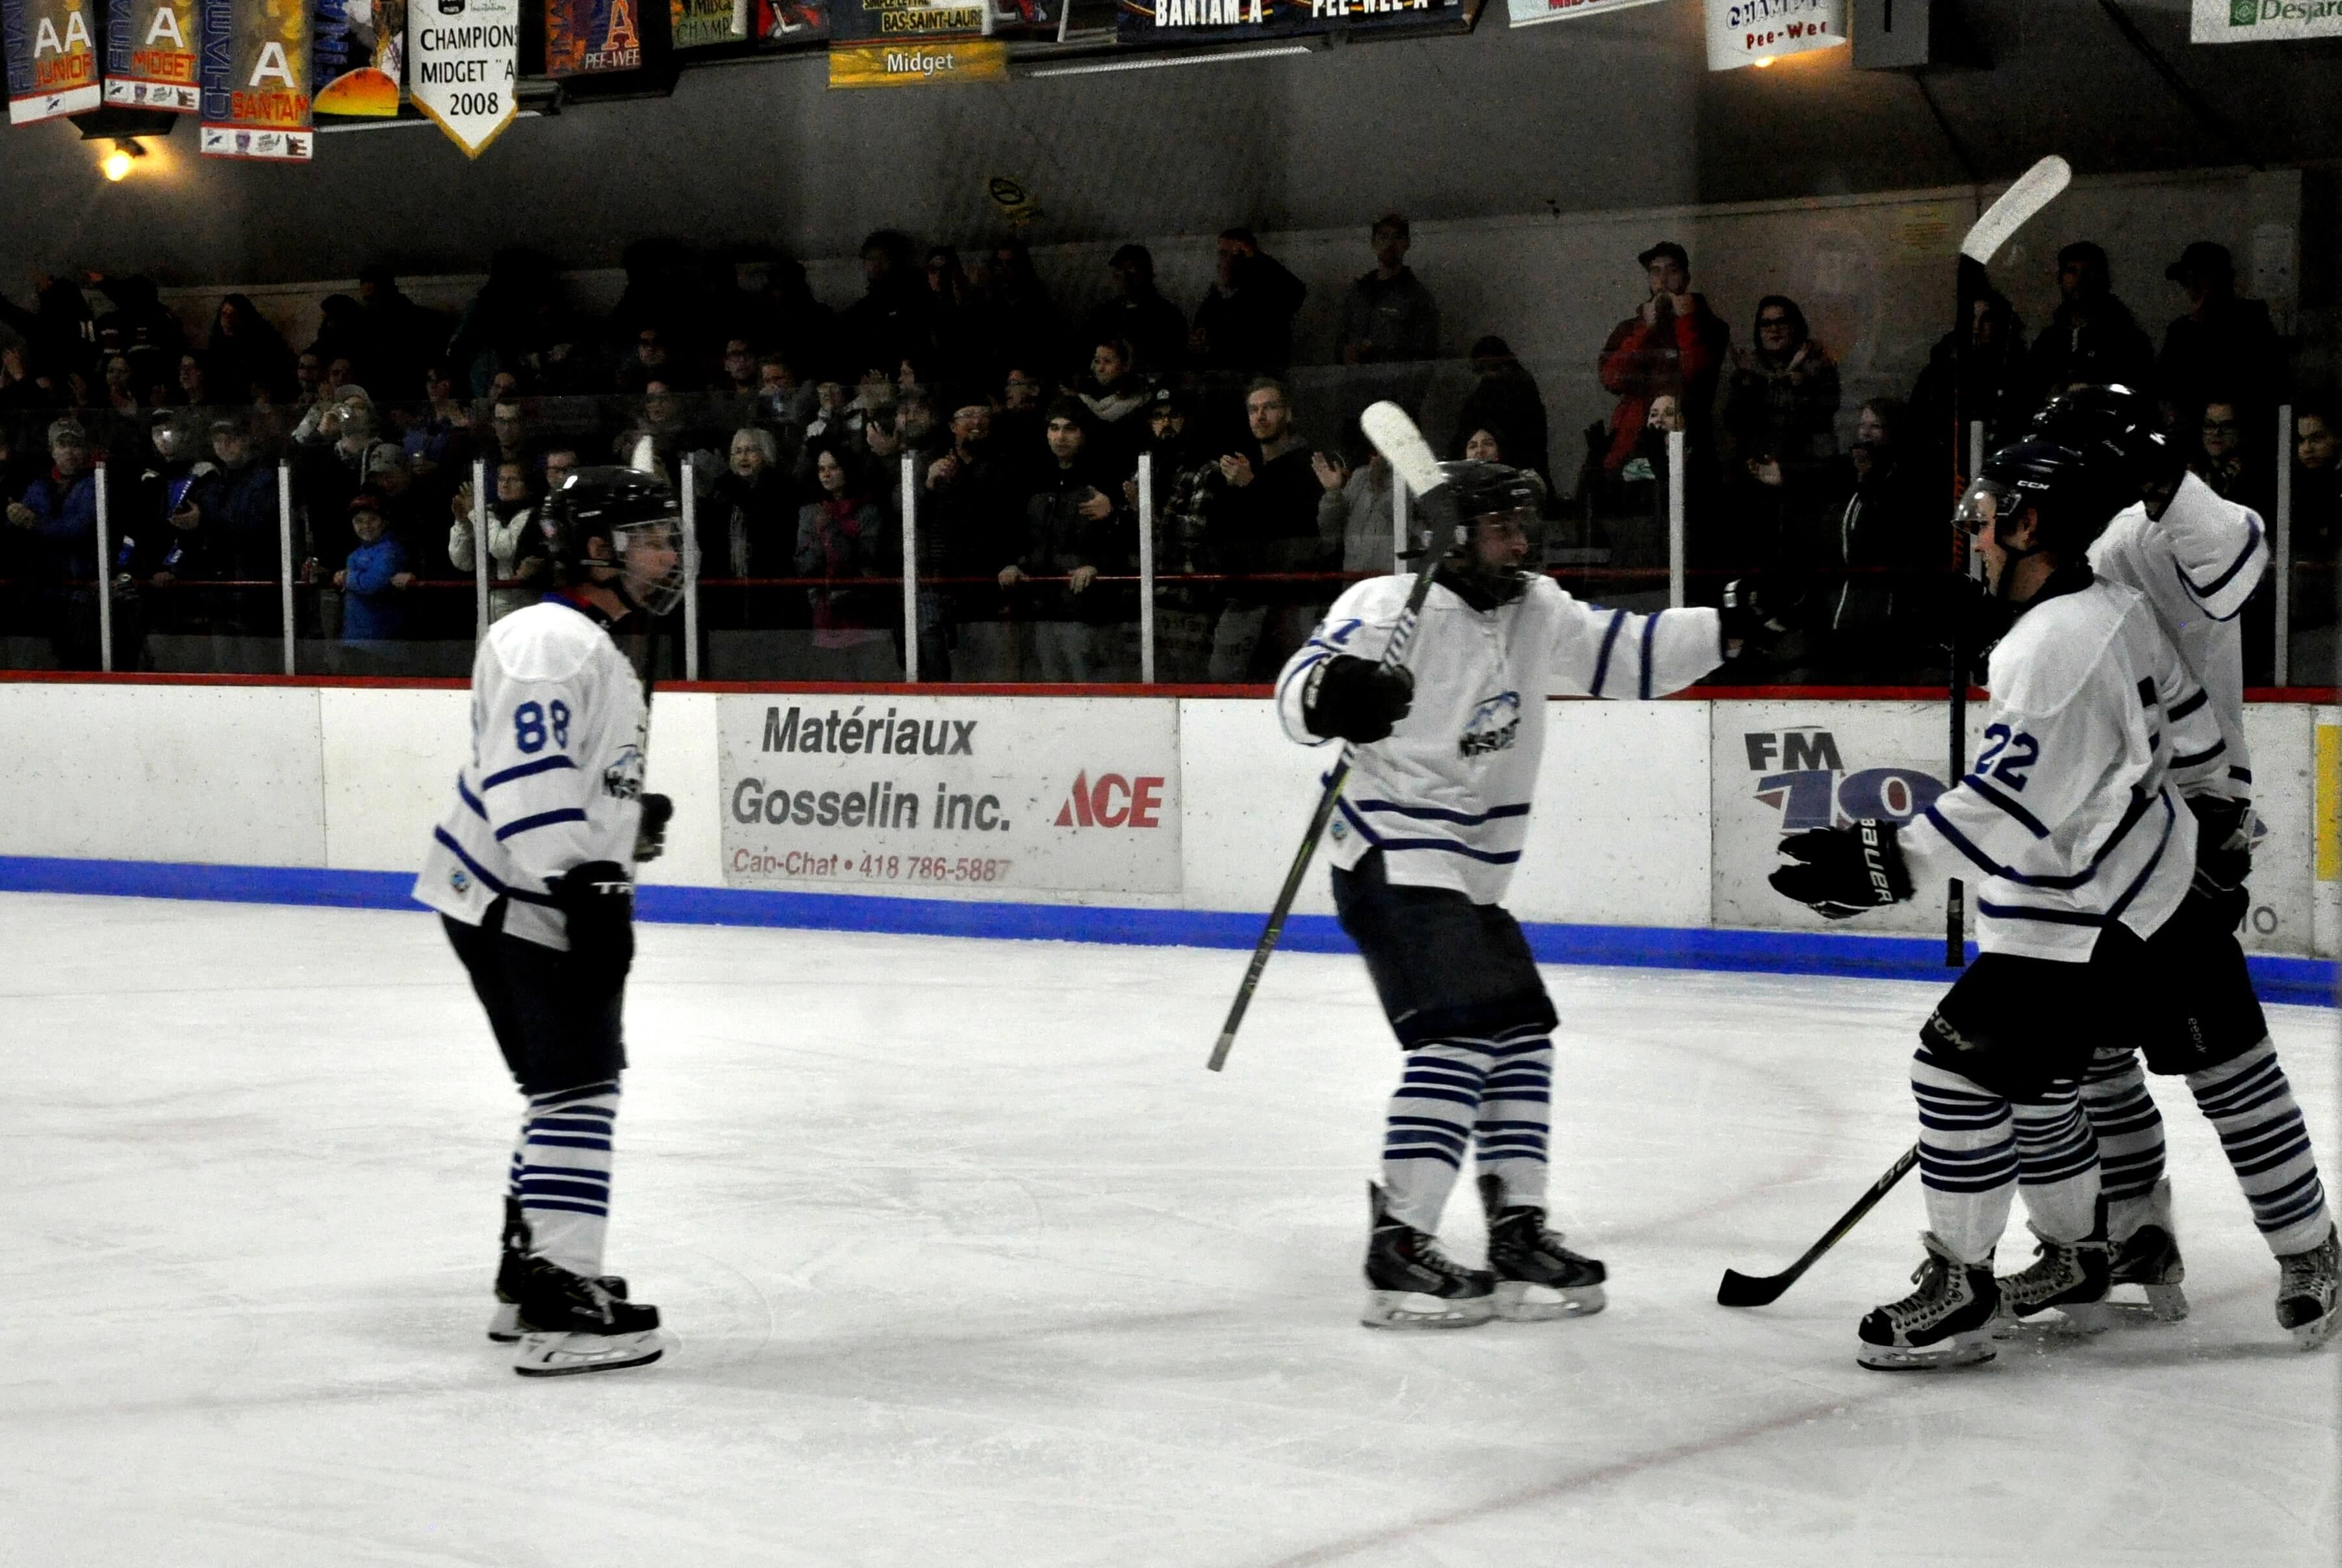 Hockey senior Nordet